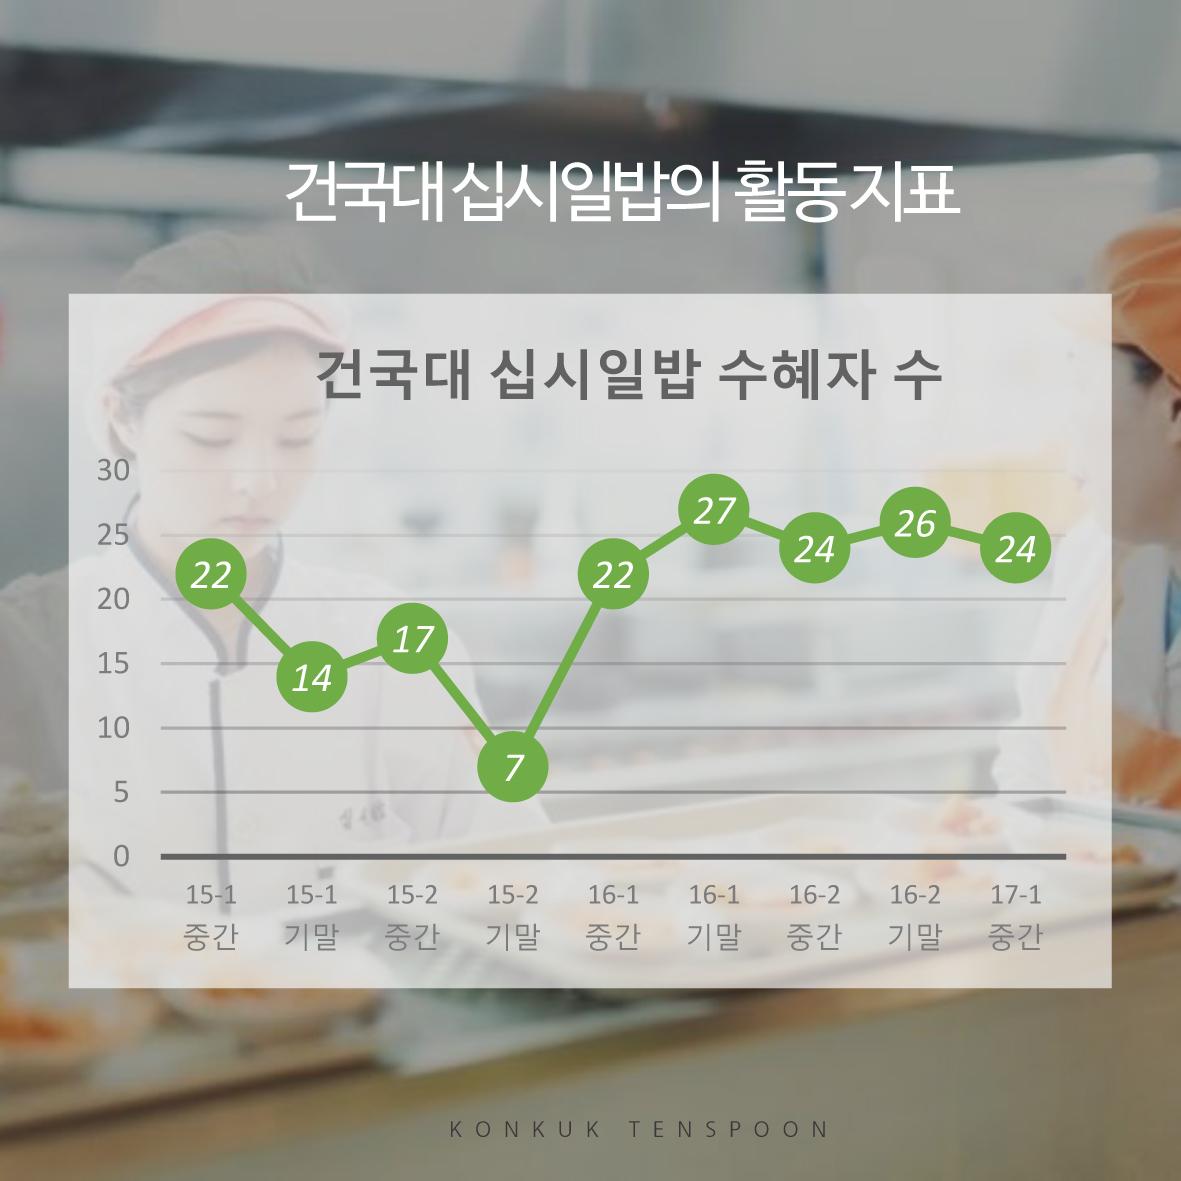 십시일밥 카드뉴스_완성-6.jpg